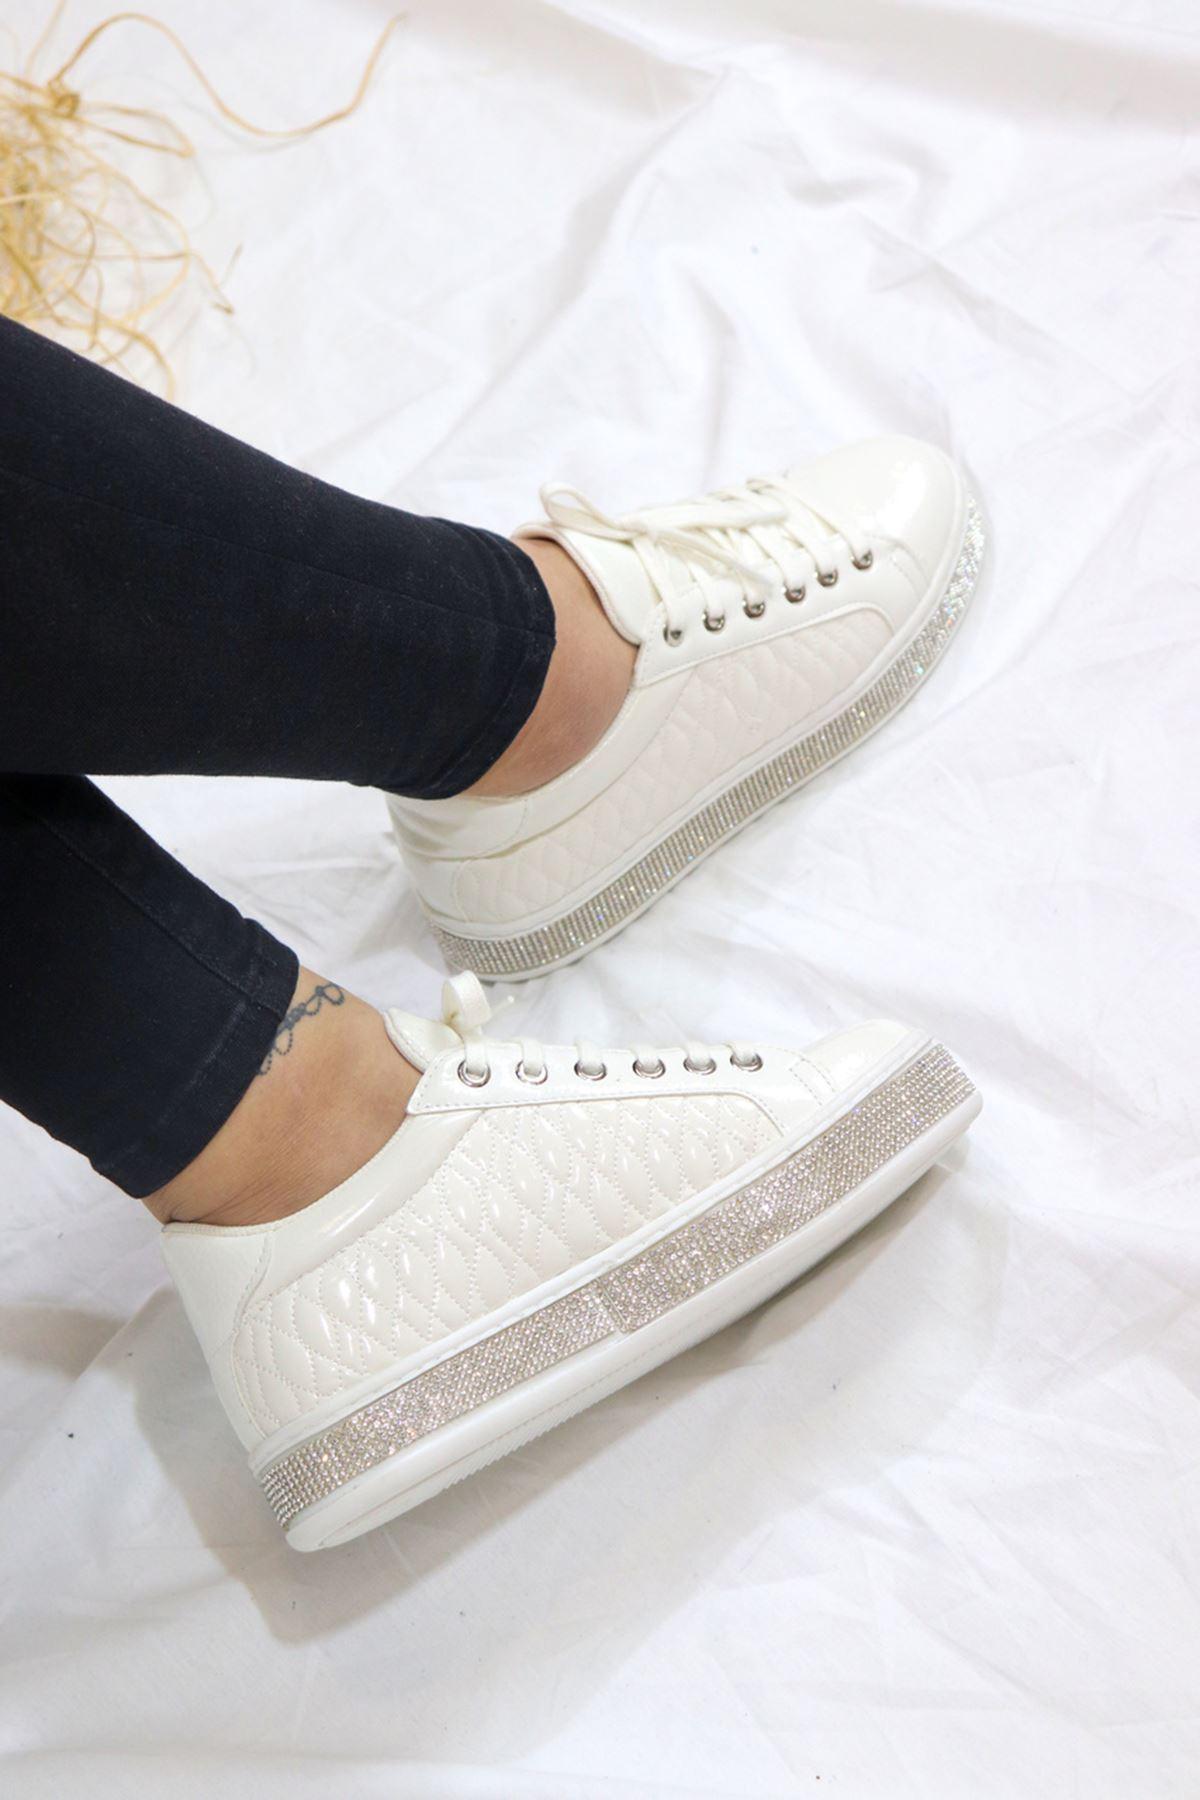 Trendayakkabı - Beyaz Rugan Taş detaylı Kadın Spor Ayakkabısı